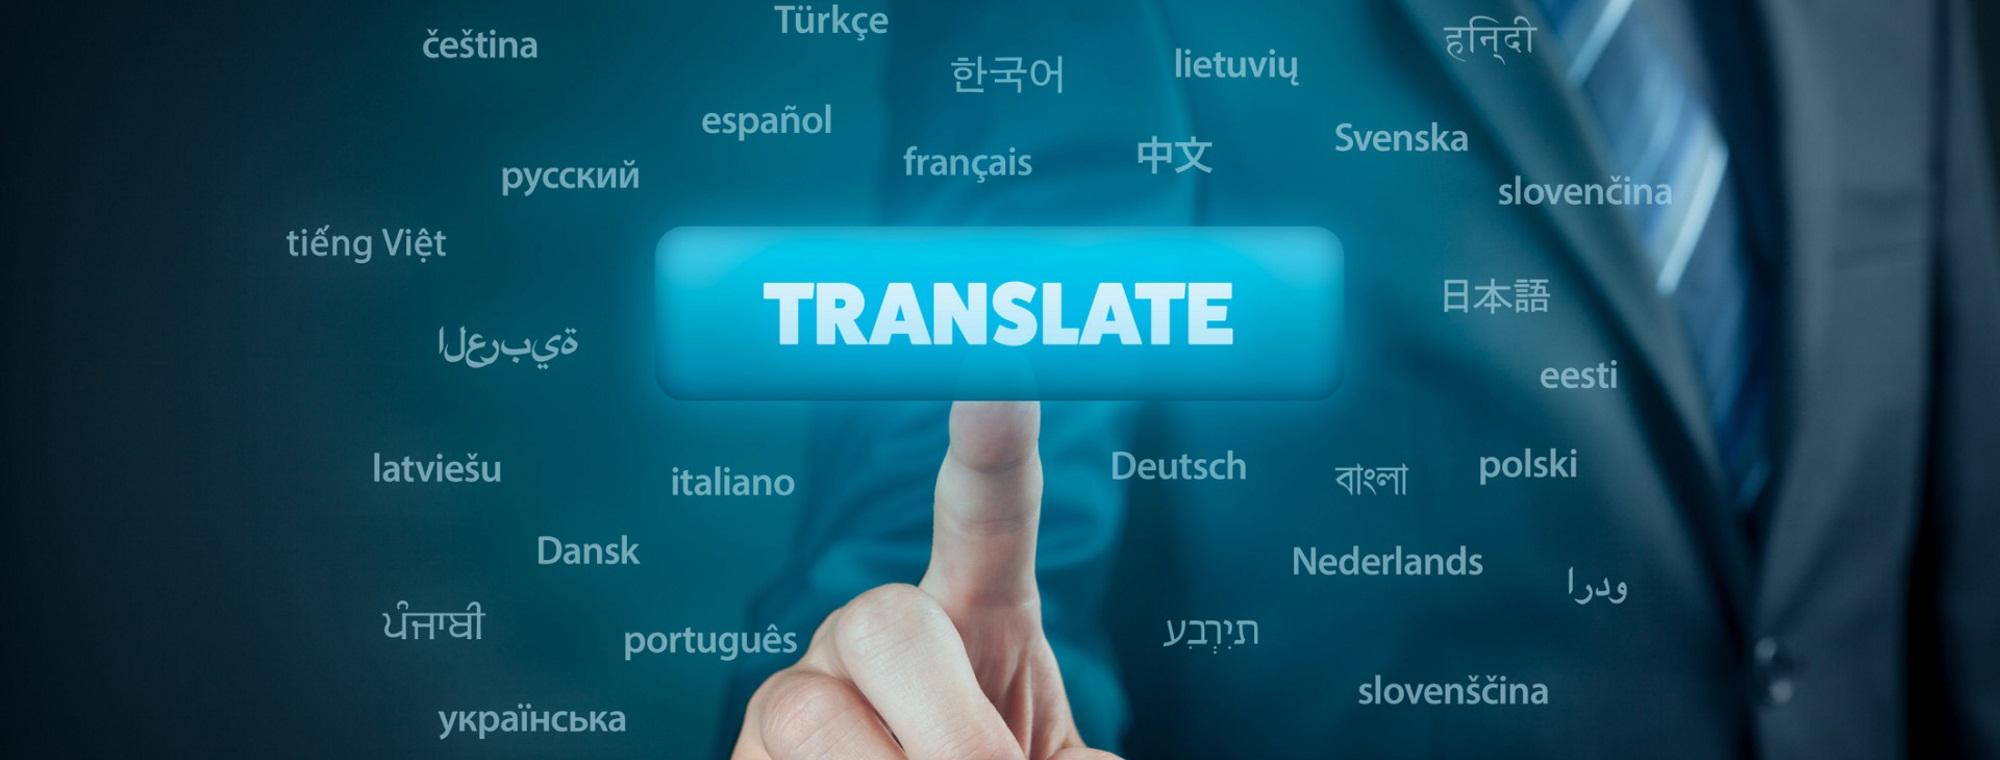 Оказание профессиональных переводческих услуг